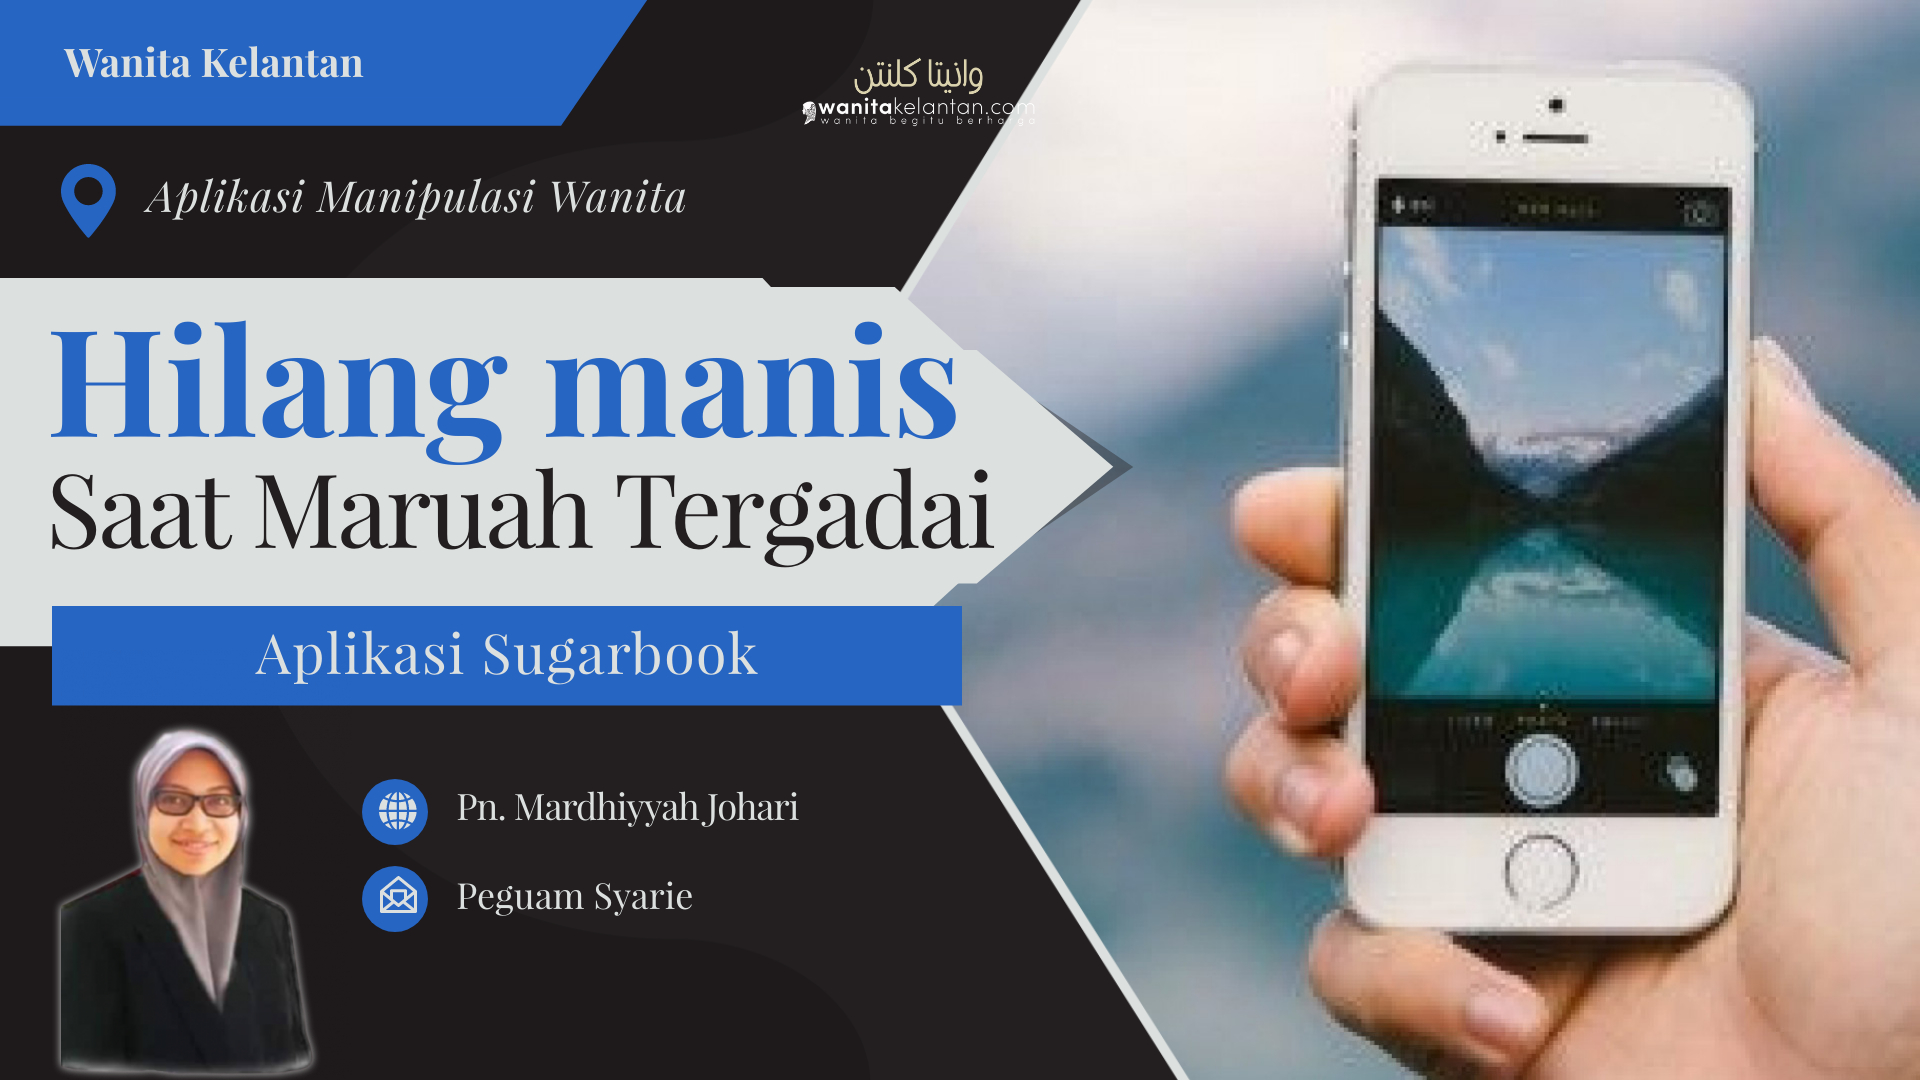 Aplikasi Sugarbook